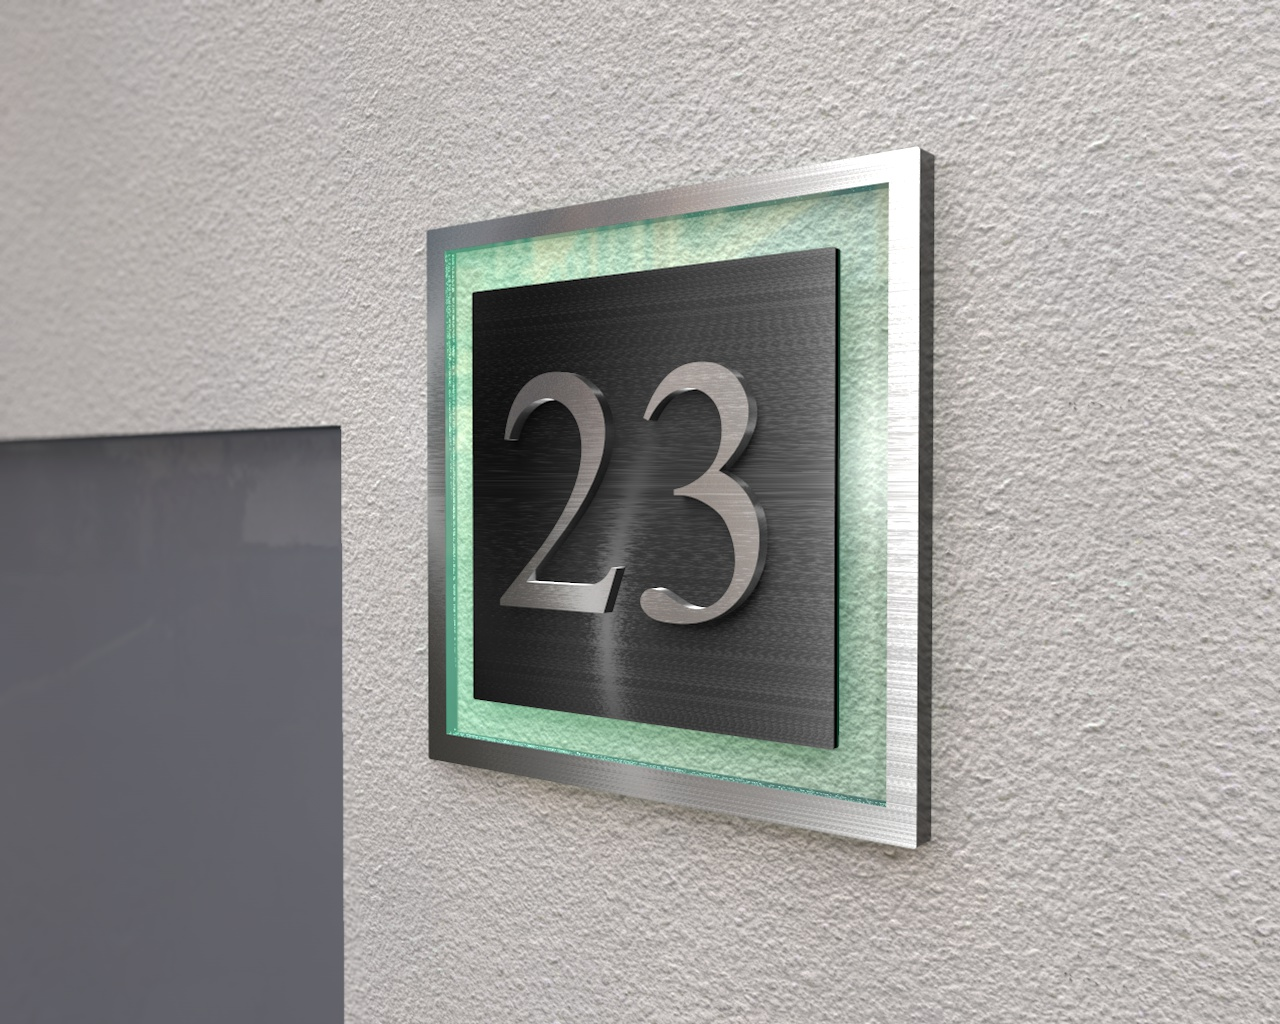 Edle Designer-Hausnummer aus Edelstahl 3 Dimensionalen Optik